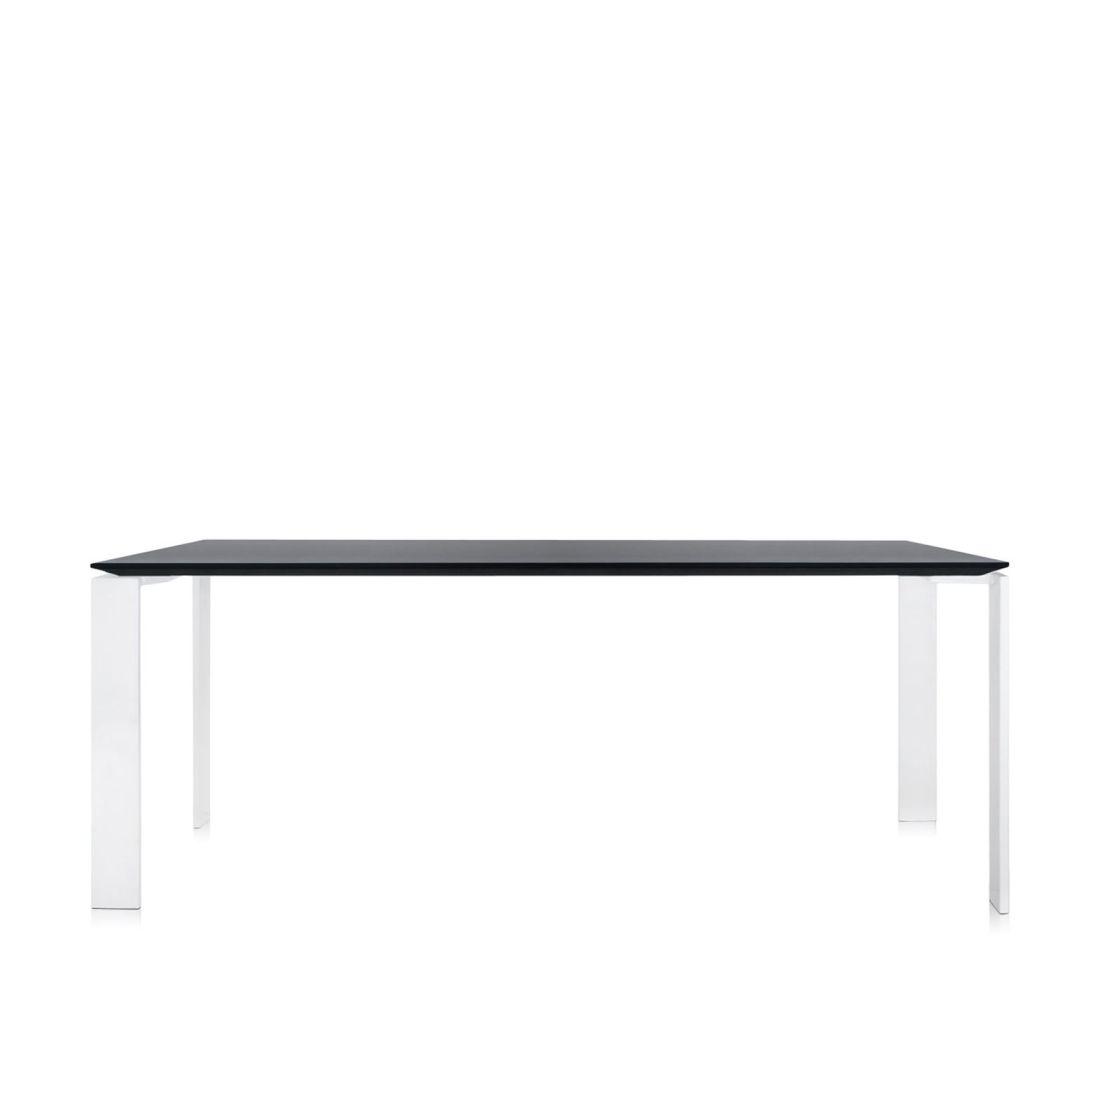 Four Tisch 190 Beine weiß, Platte schwarz